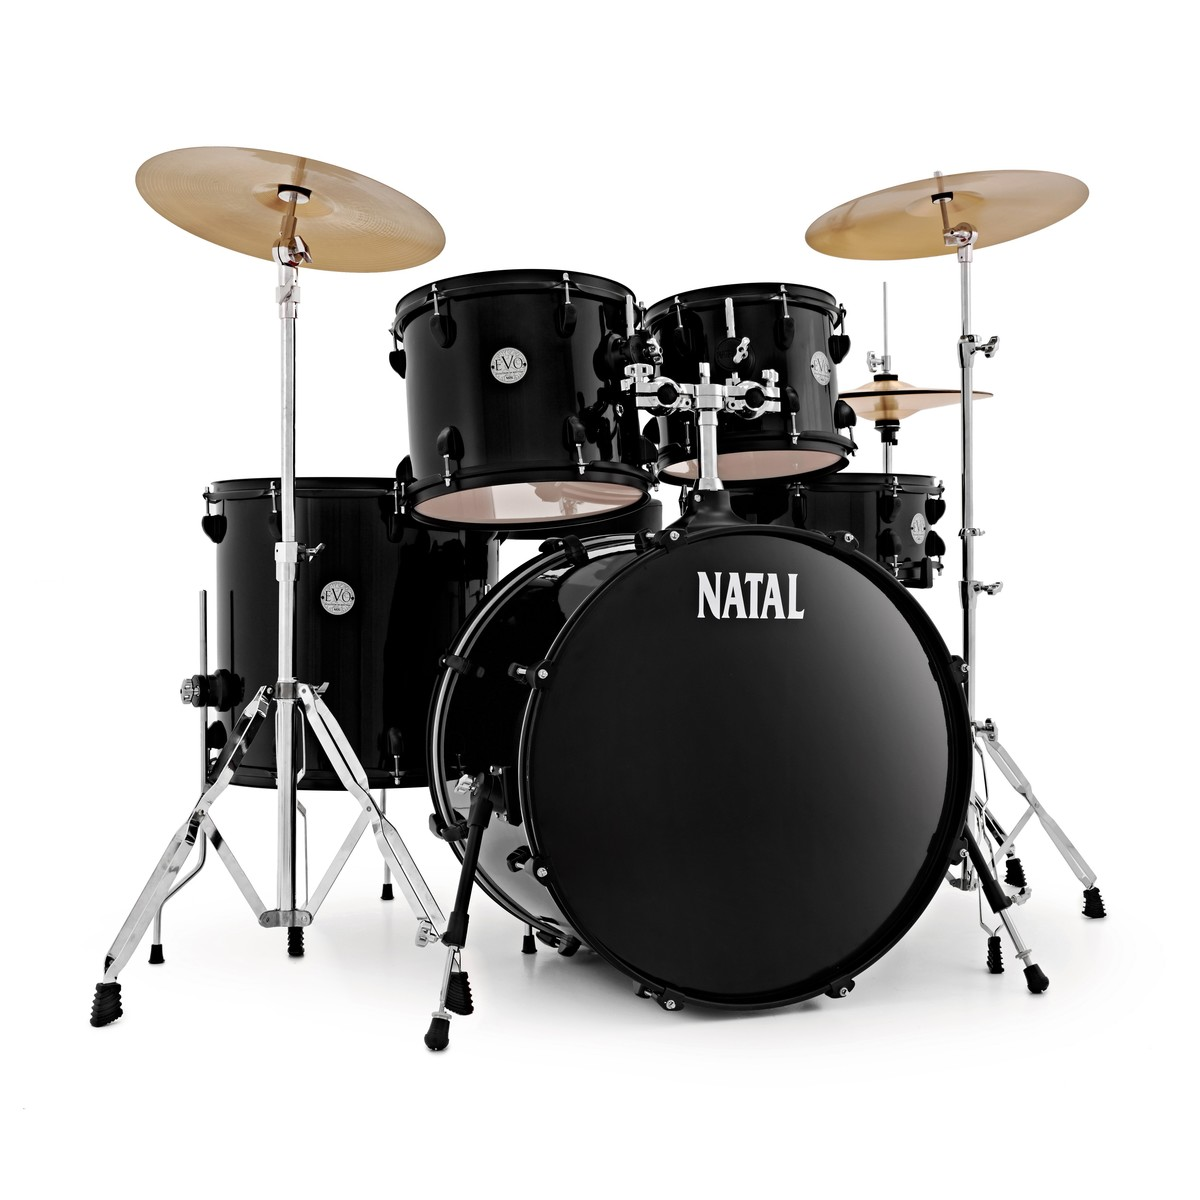 Ljb Drum Accessories : natal evo 22 39 39 drum kit w hardware cymbals extra crash black at gear4music ~ Vivirlamusica.com Haus und Dekorationen